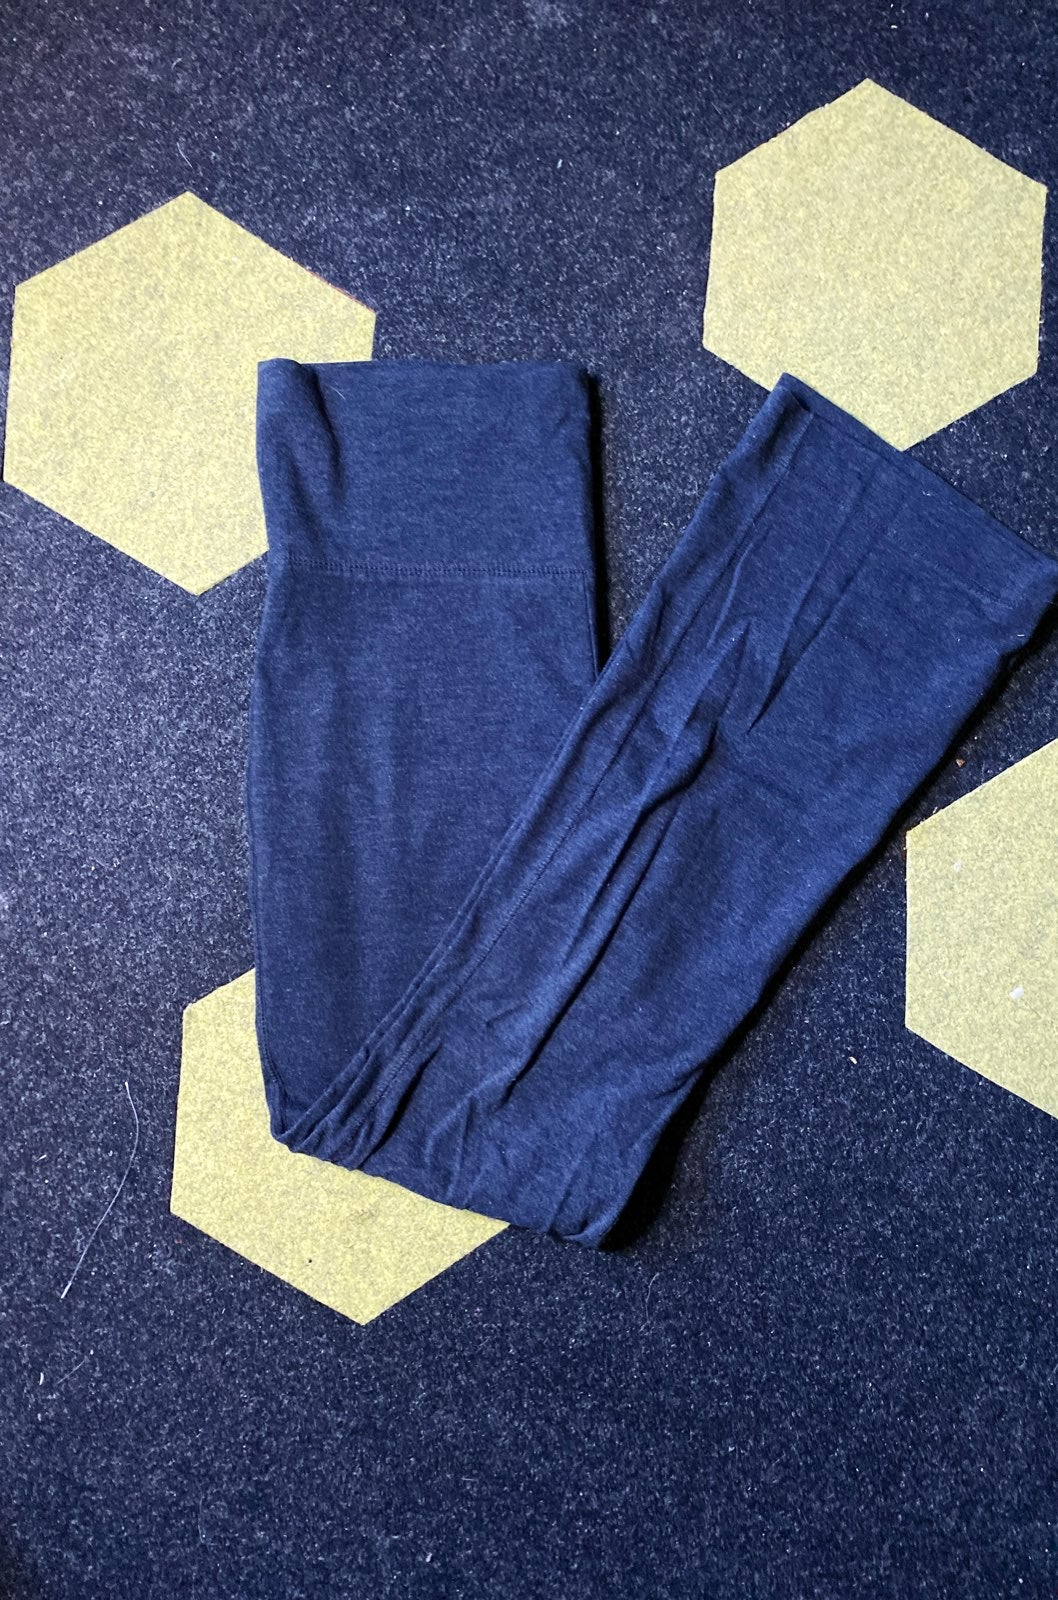 So Yoga Pants